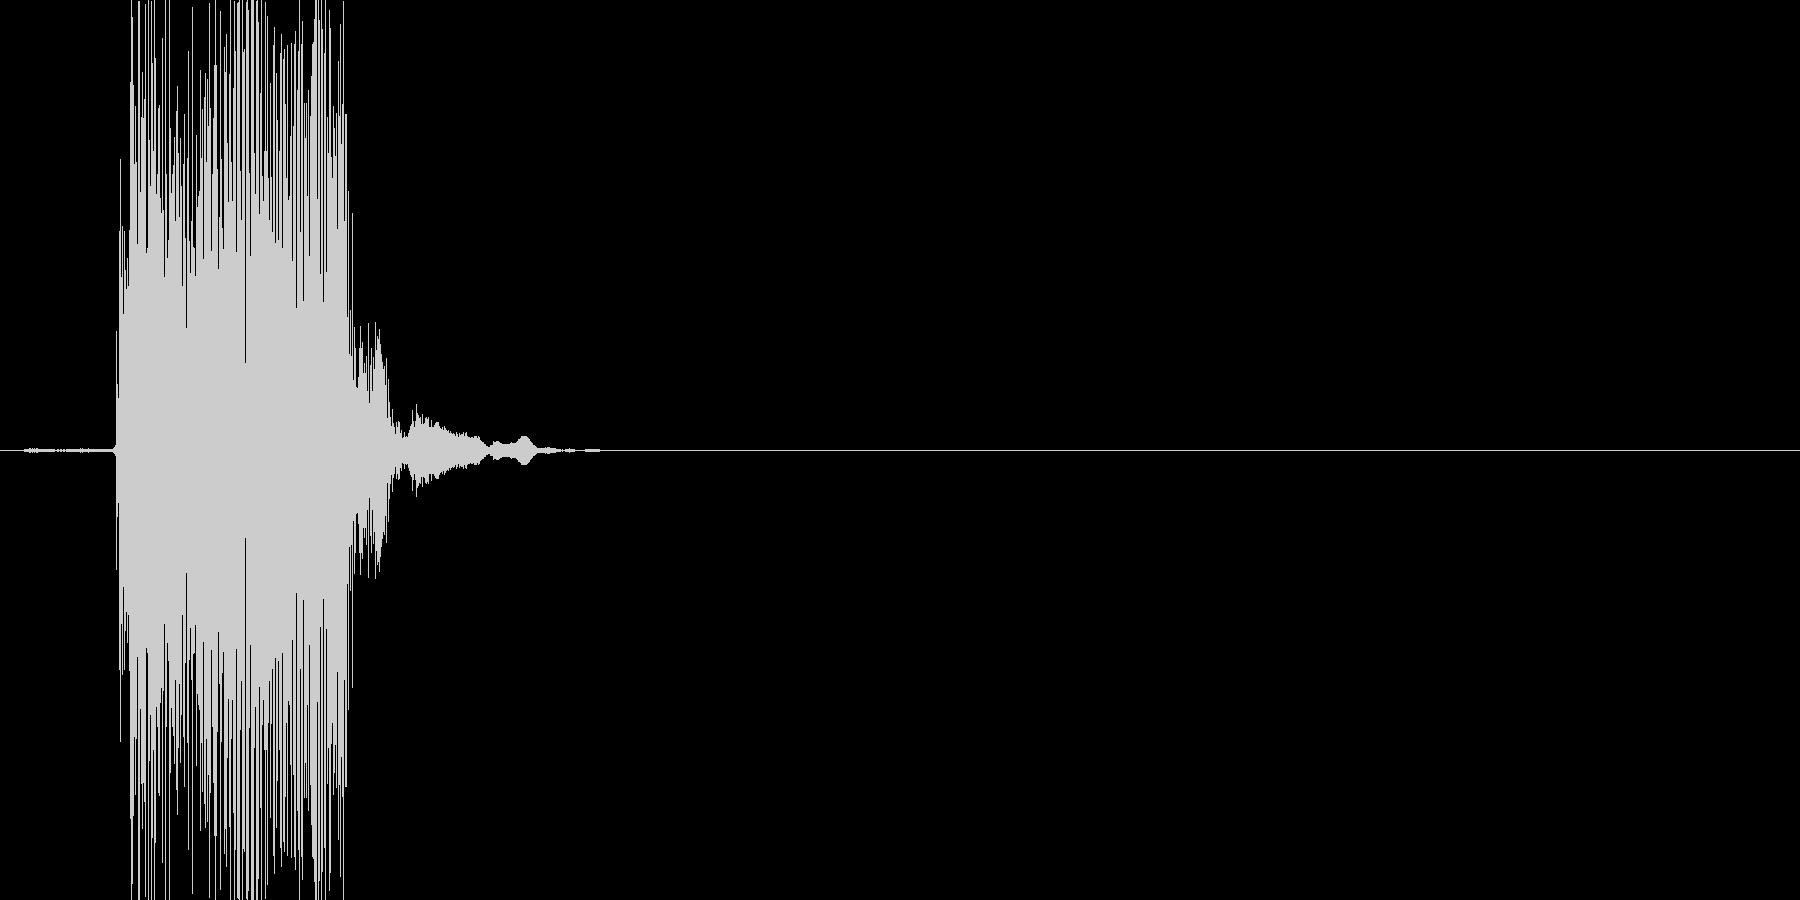 ぷぴゅー(鳴き声)の未再生の波形